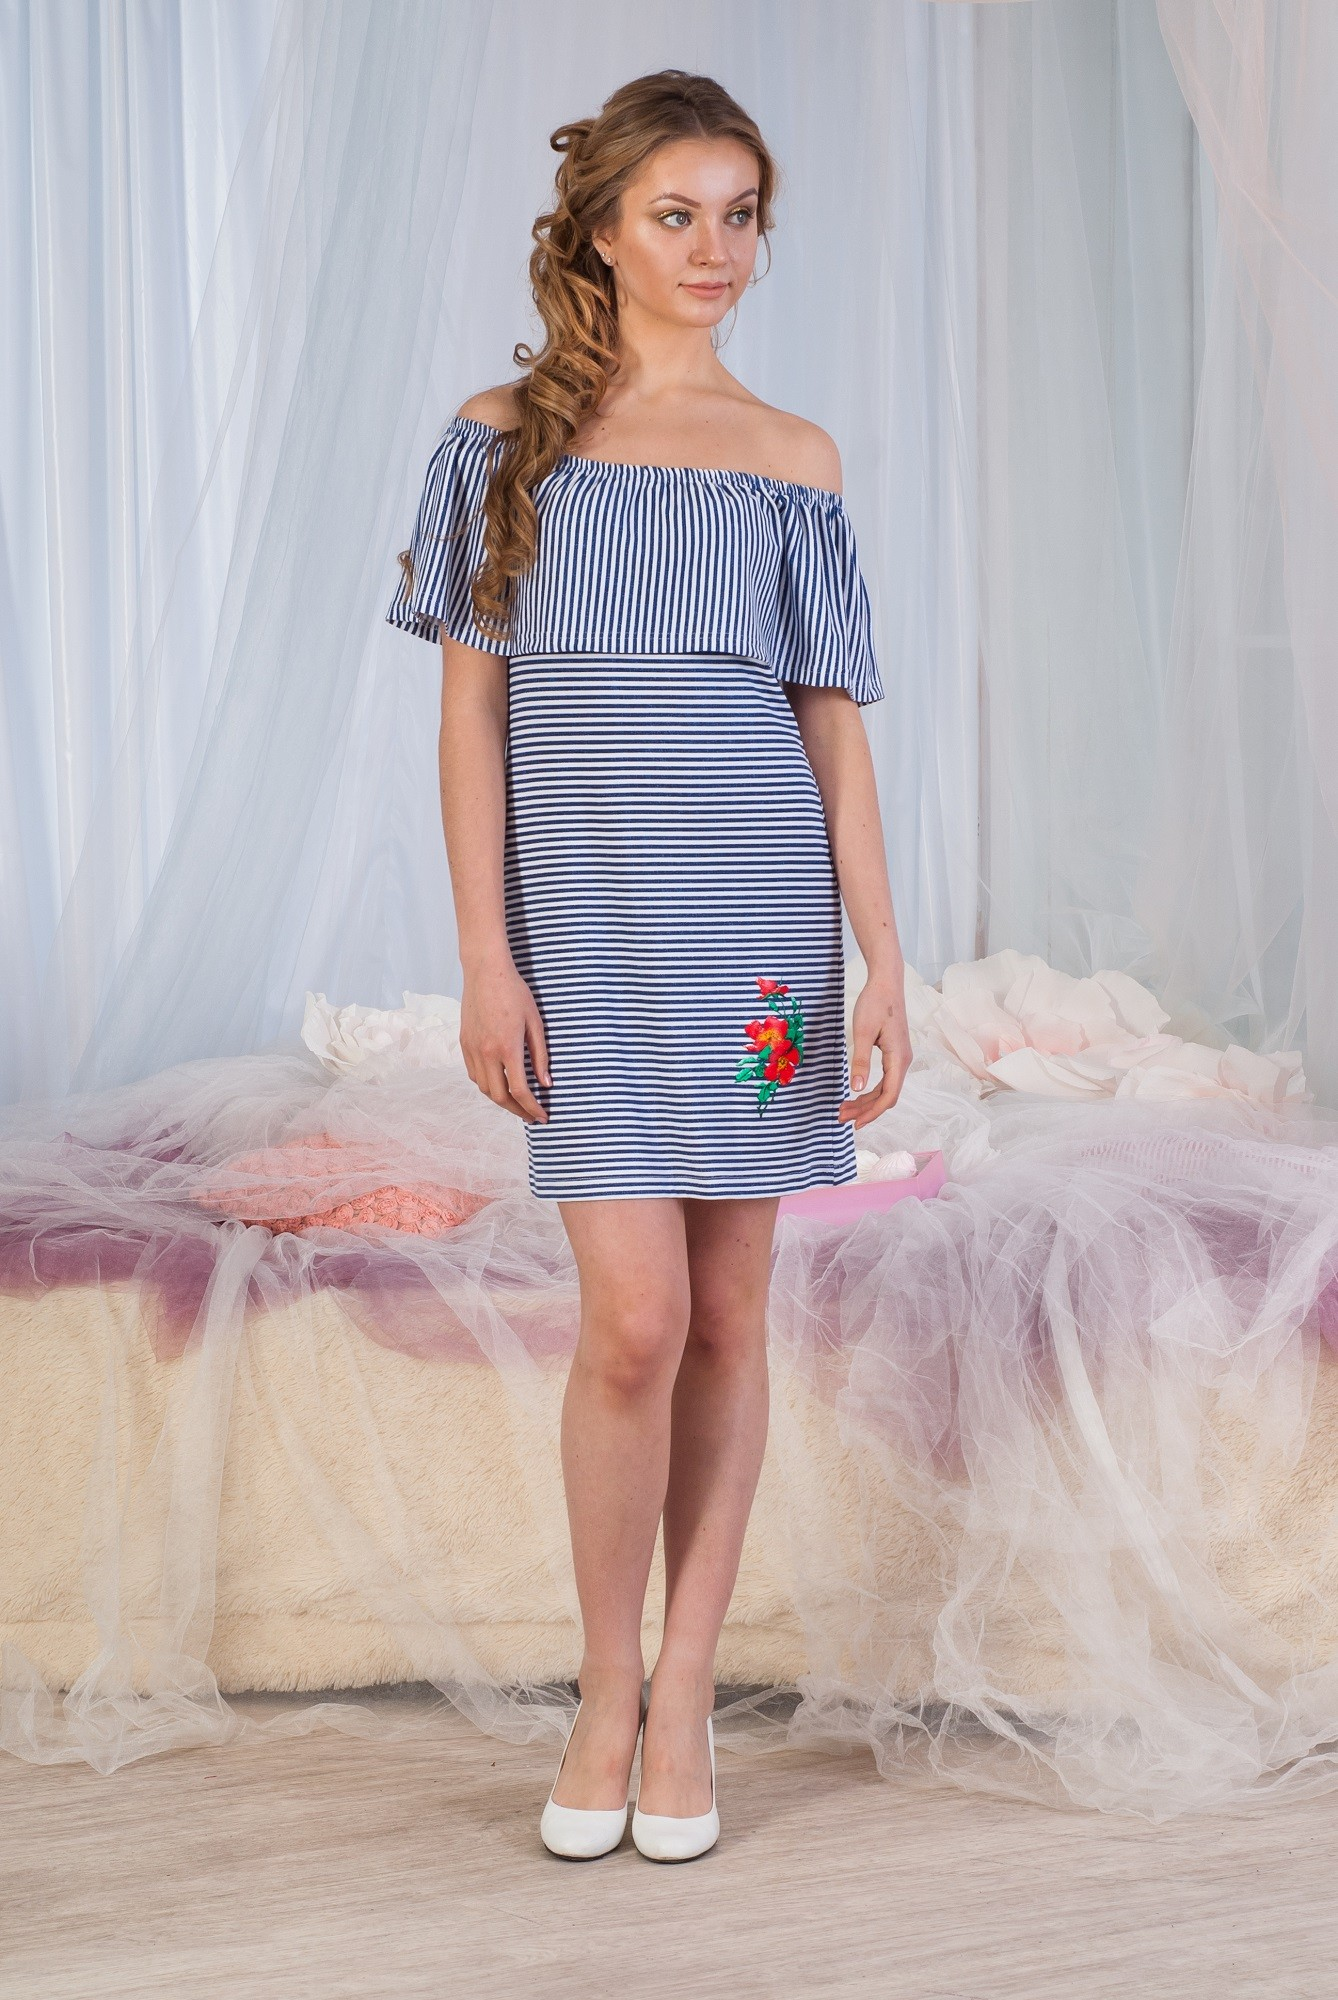 Платье-трансформер женское Модена в тонкую полоскуПлатья<br><br><br>Размер: 48